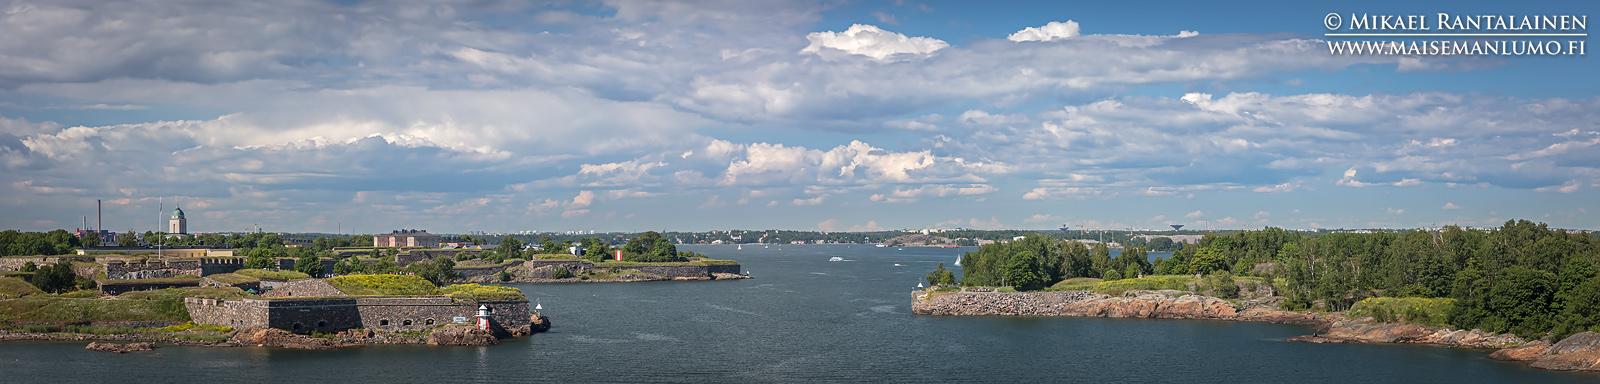 Kustaanmiekan salmi, Helsinki (HP156)